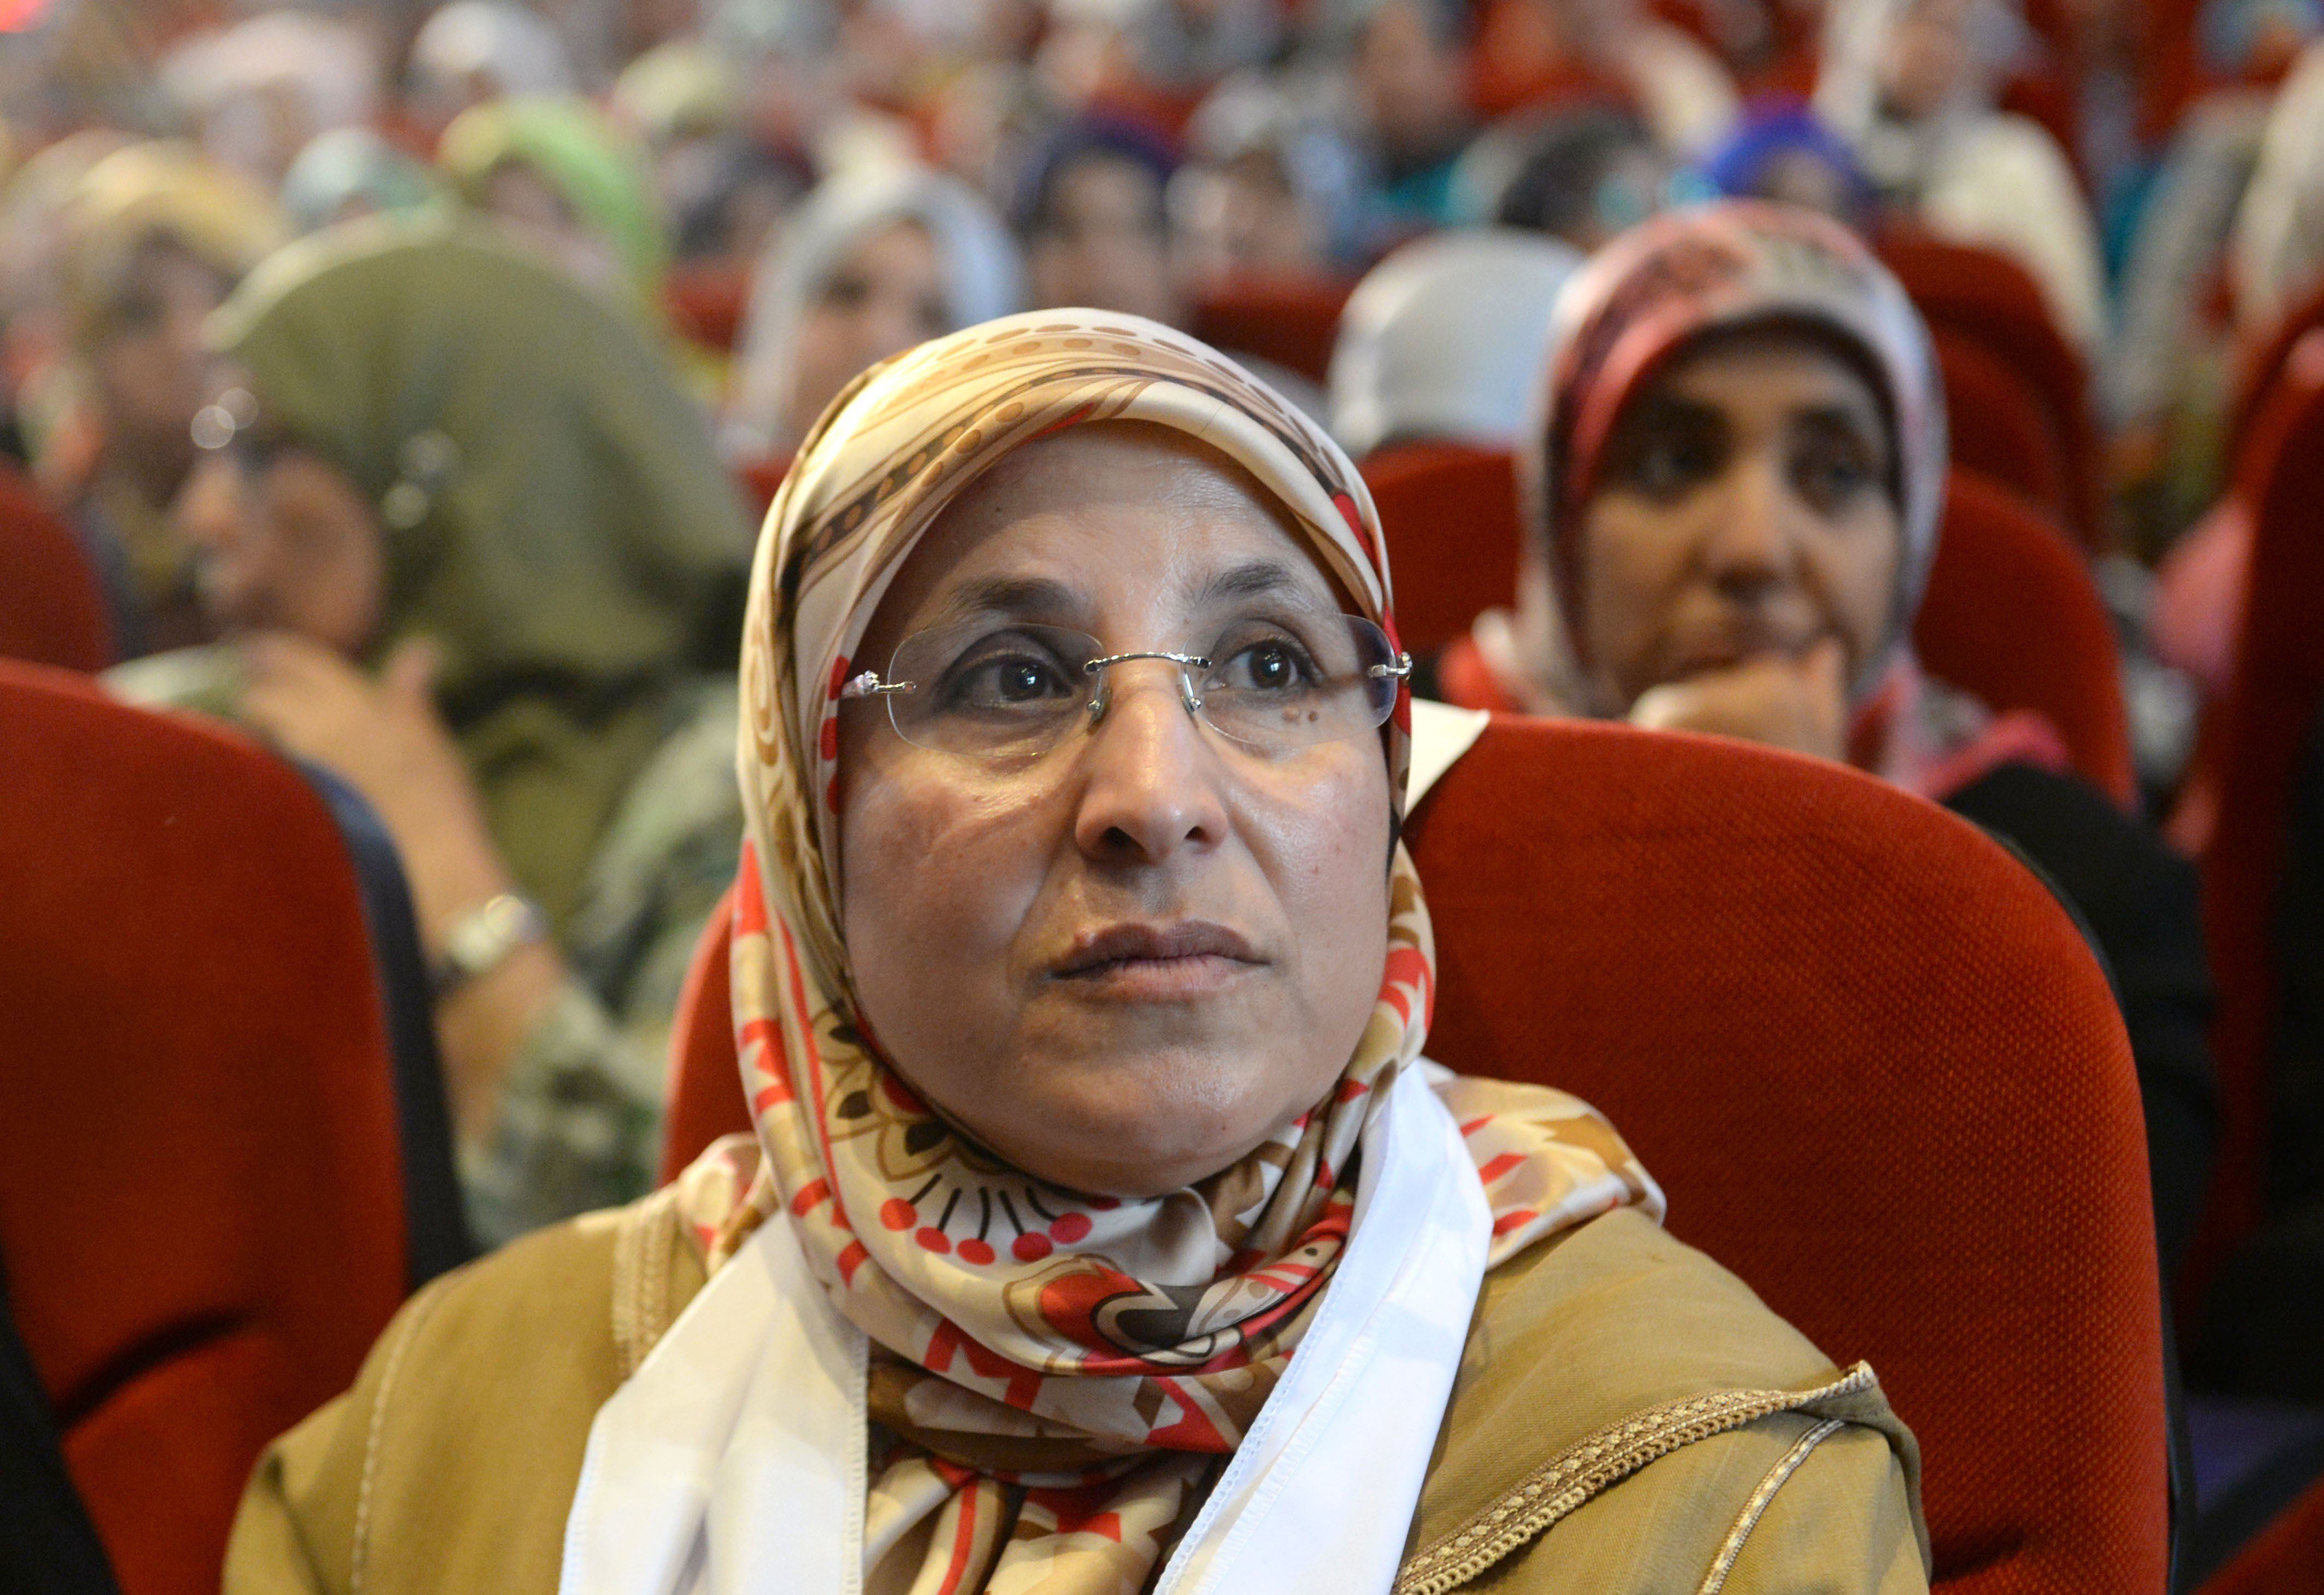 BLOG- Lettre ouverte à Bassima Hakkaoui, ministre de la Famille, de la solidarité, de l'égalité et du développement social